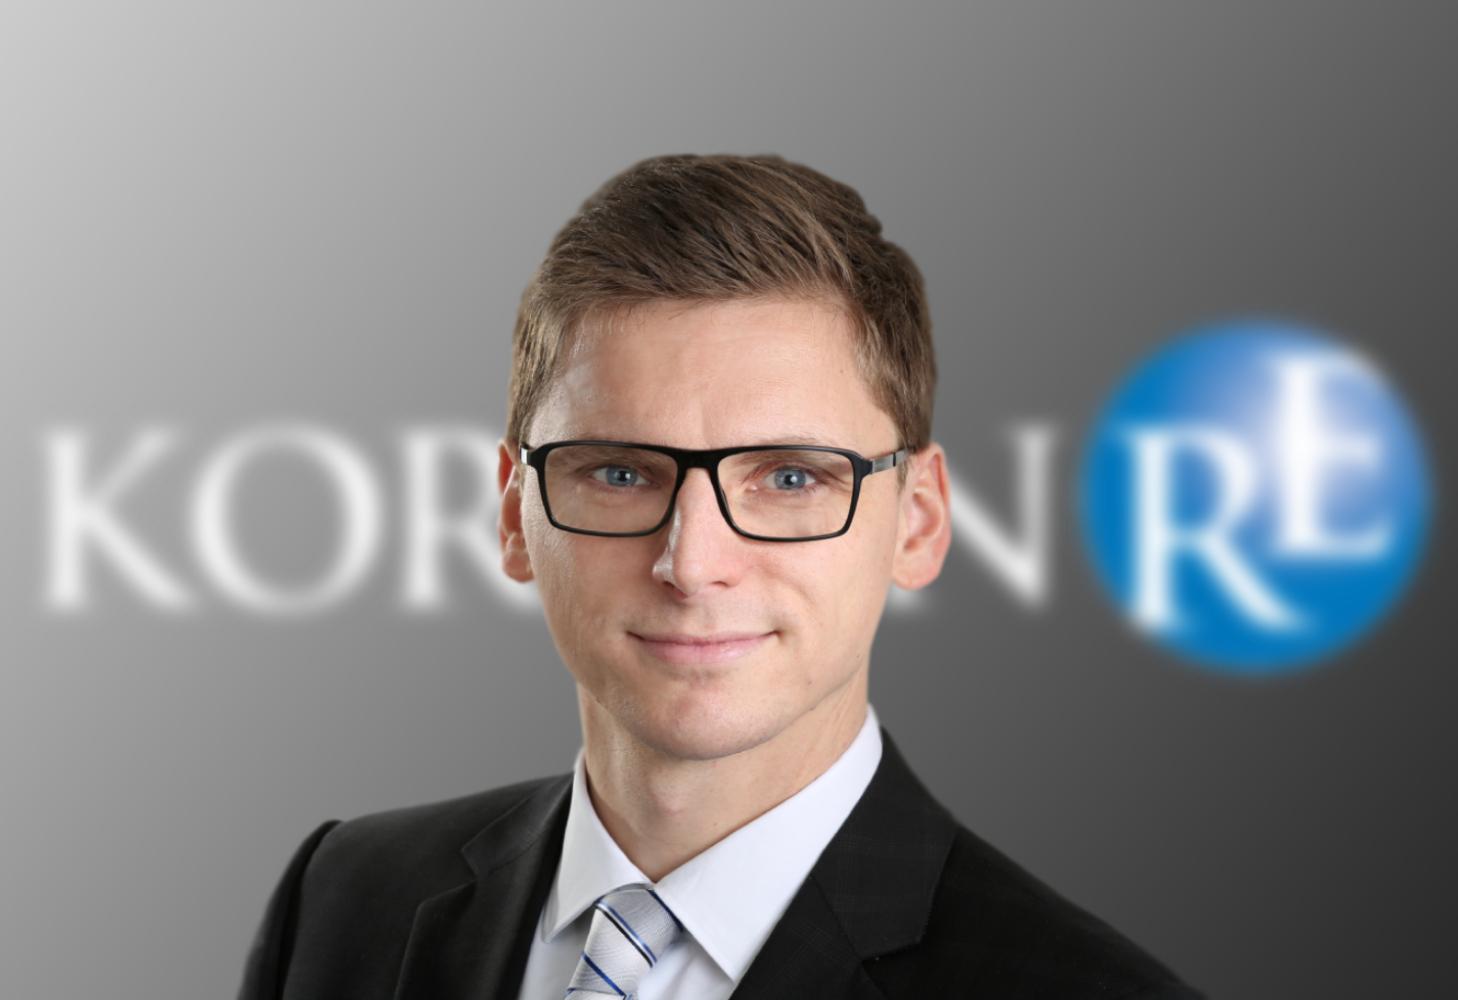 Sven Siegin, Head of Risk Management and Compliance bei Korean Re Switzerland, war bei der Einführung der E-Signatur federführend (Quelle: Korean Reinsurance Switzerland AG)